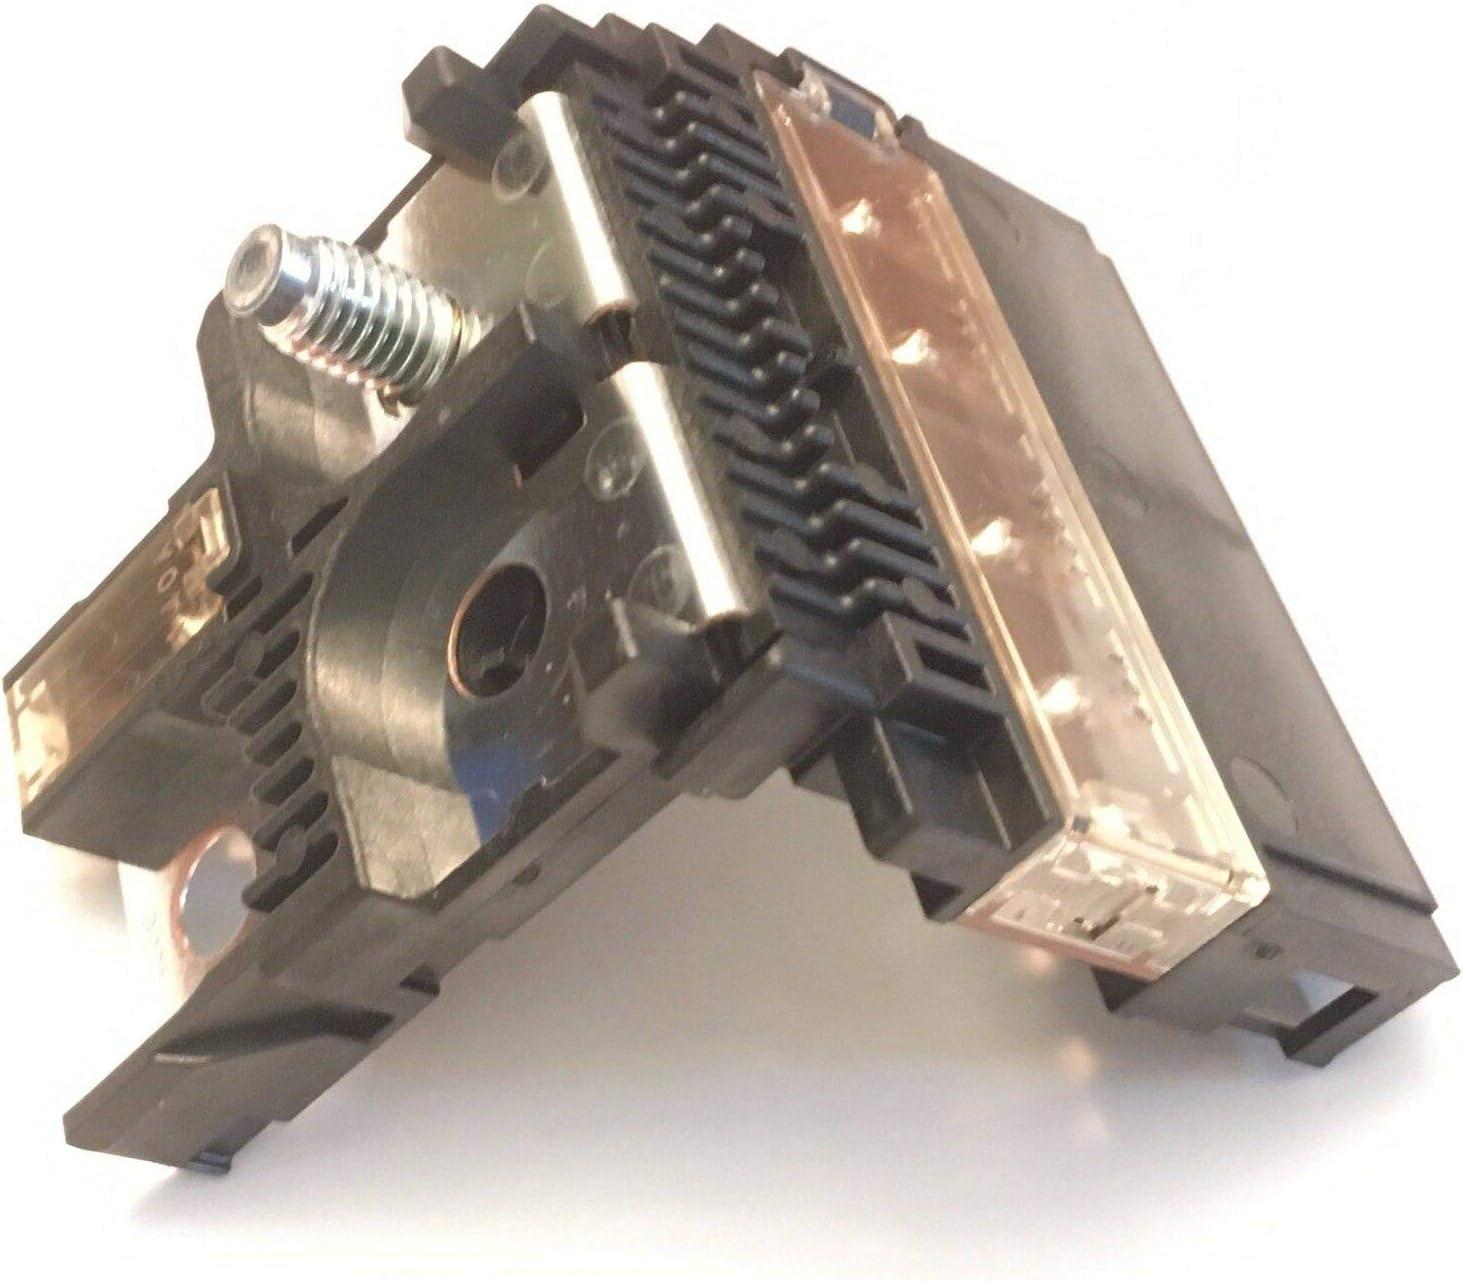 NEW OEM 24380-79918 2438079918 Award BFT Max 77% OFF w Versa for Nuts Juke